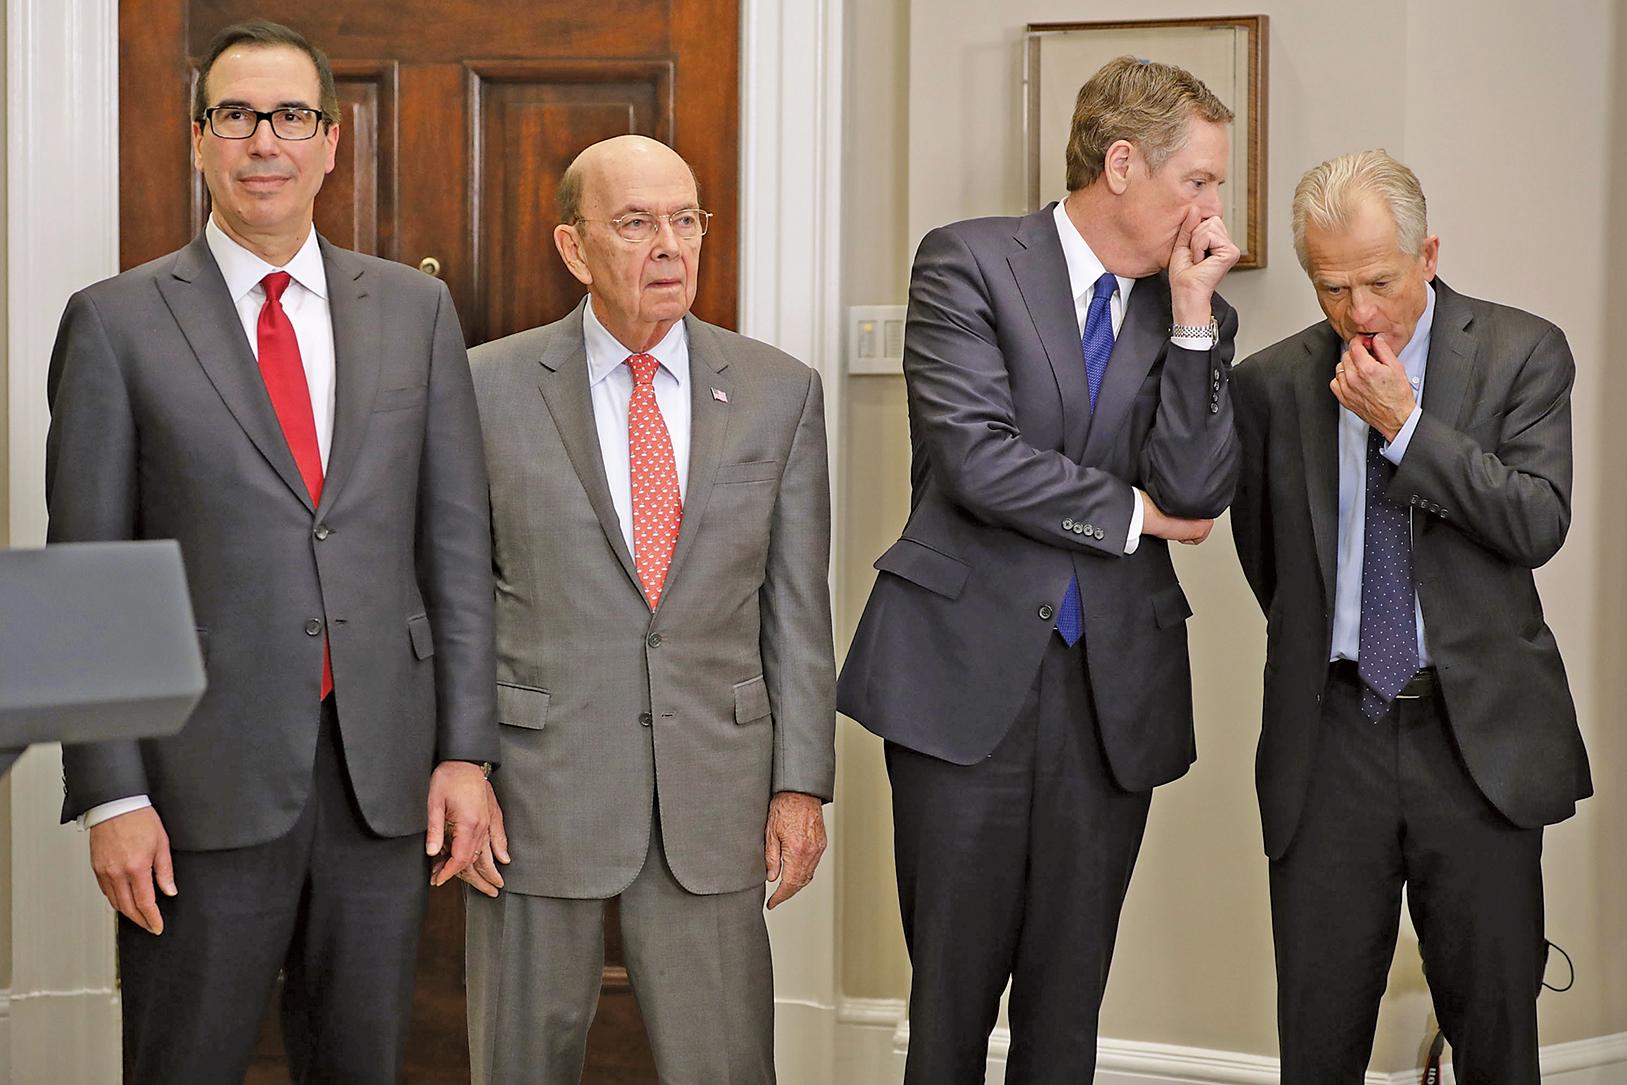 特朗普政府本周將派出超級訪華貿易團,成員包括(從左至右)財政部長姆欽、商務部長羅斯、美國貿易代表萊蒂澤和總統貿易顧問納瓦羅,形成3:4的偏鷹穩定格局。(Getty Images)